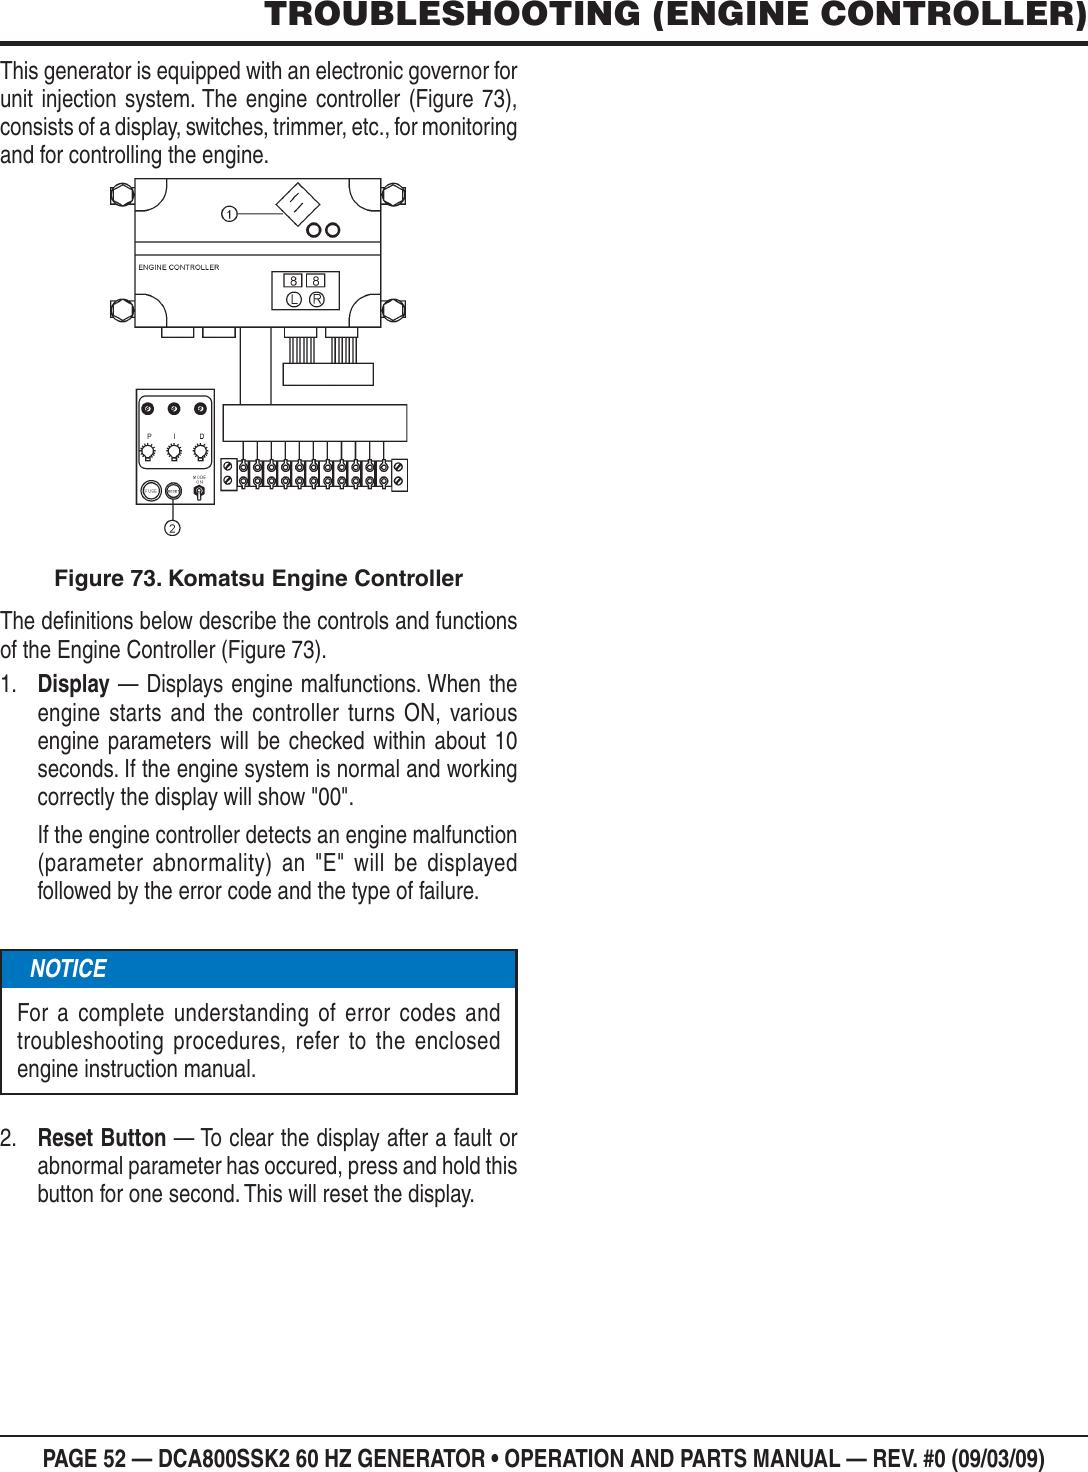 Multiquip Mq Power Whisperwatt Series 60Hz Generator Std Komatsu